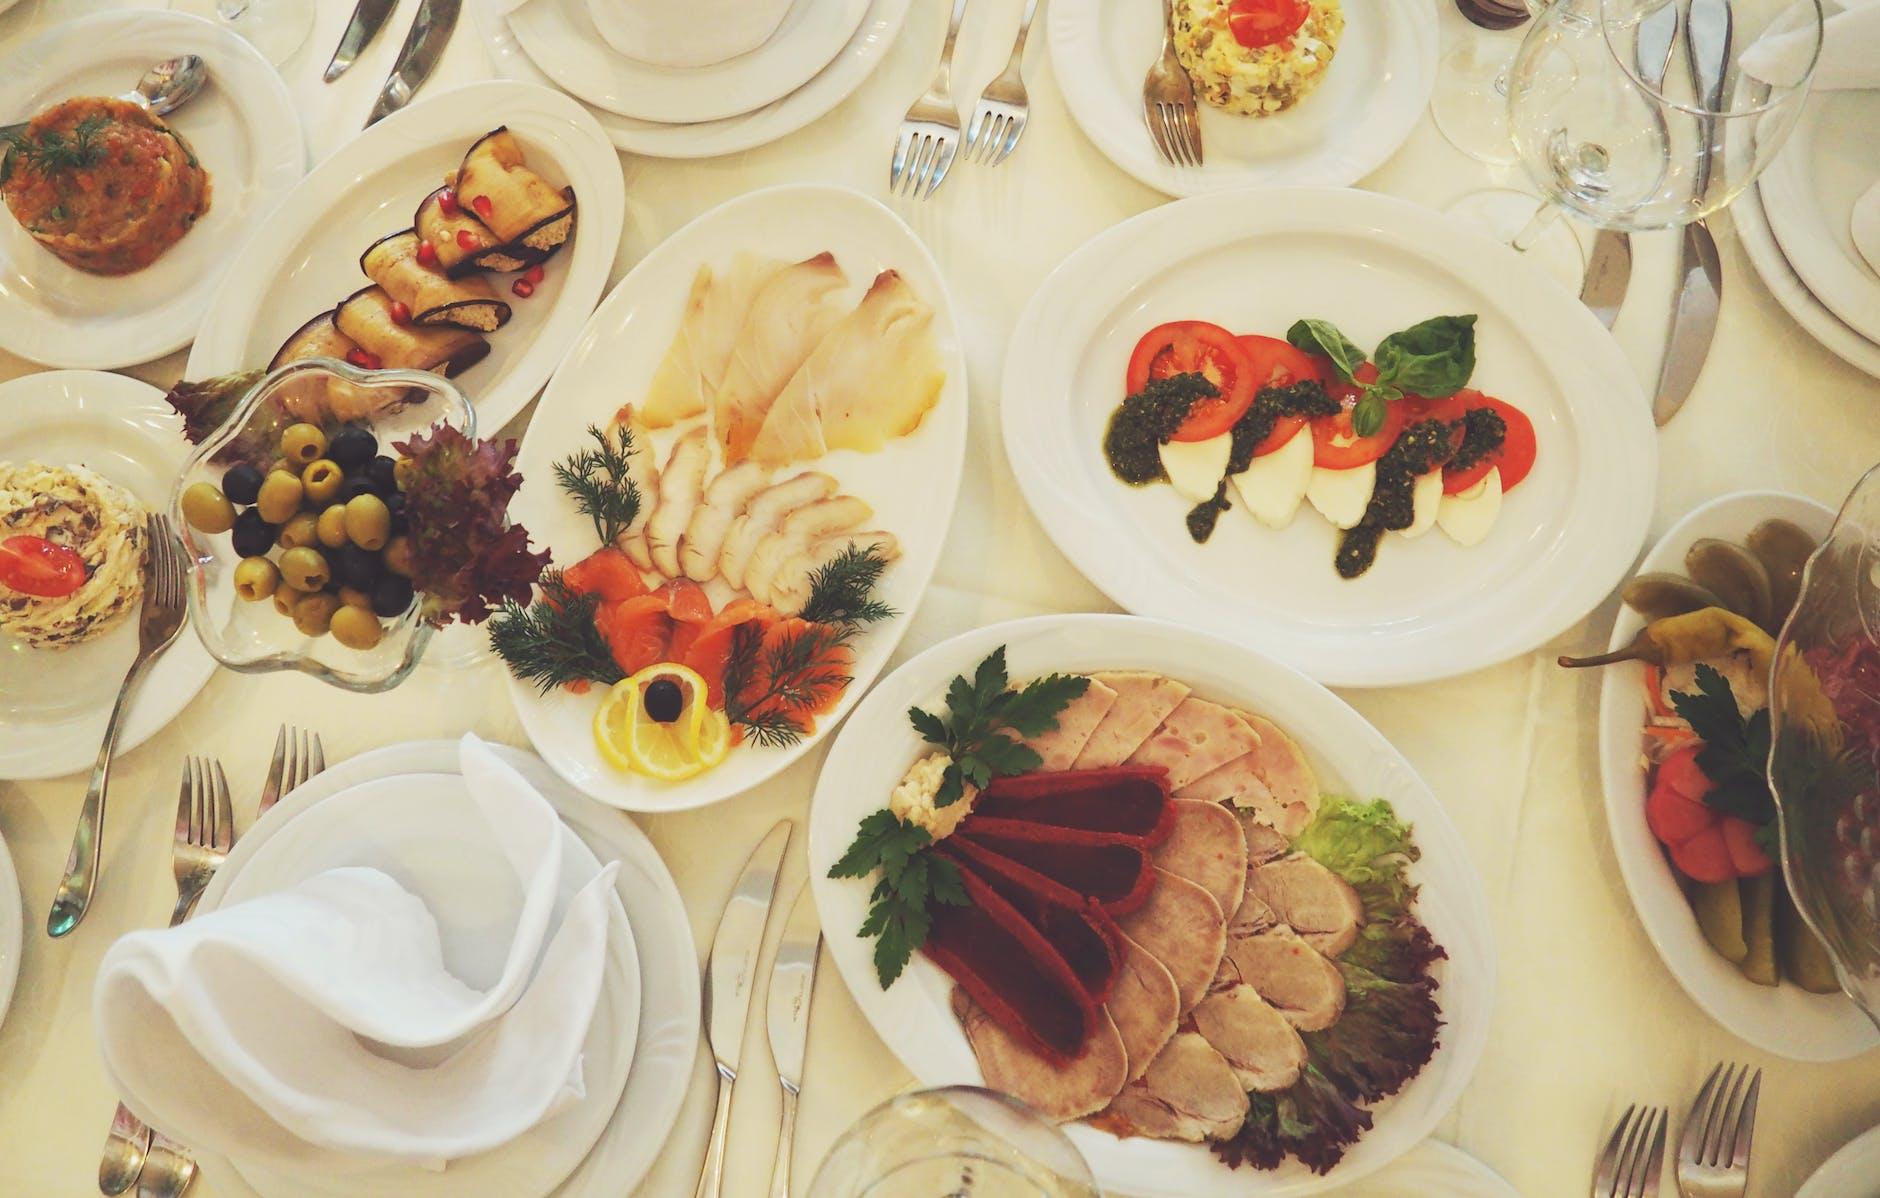 tipo de comida para un evento